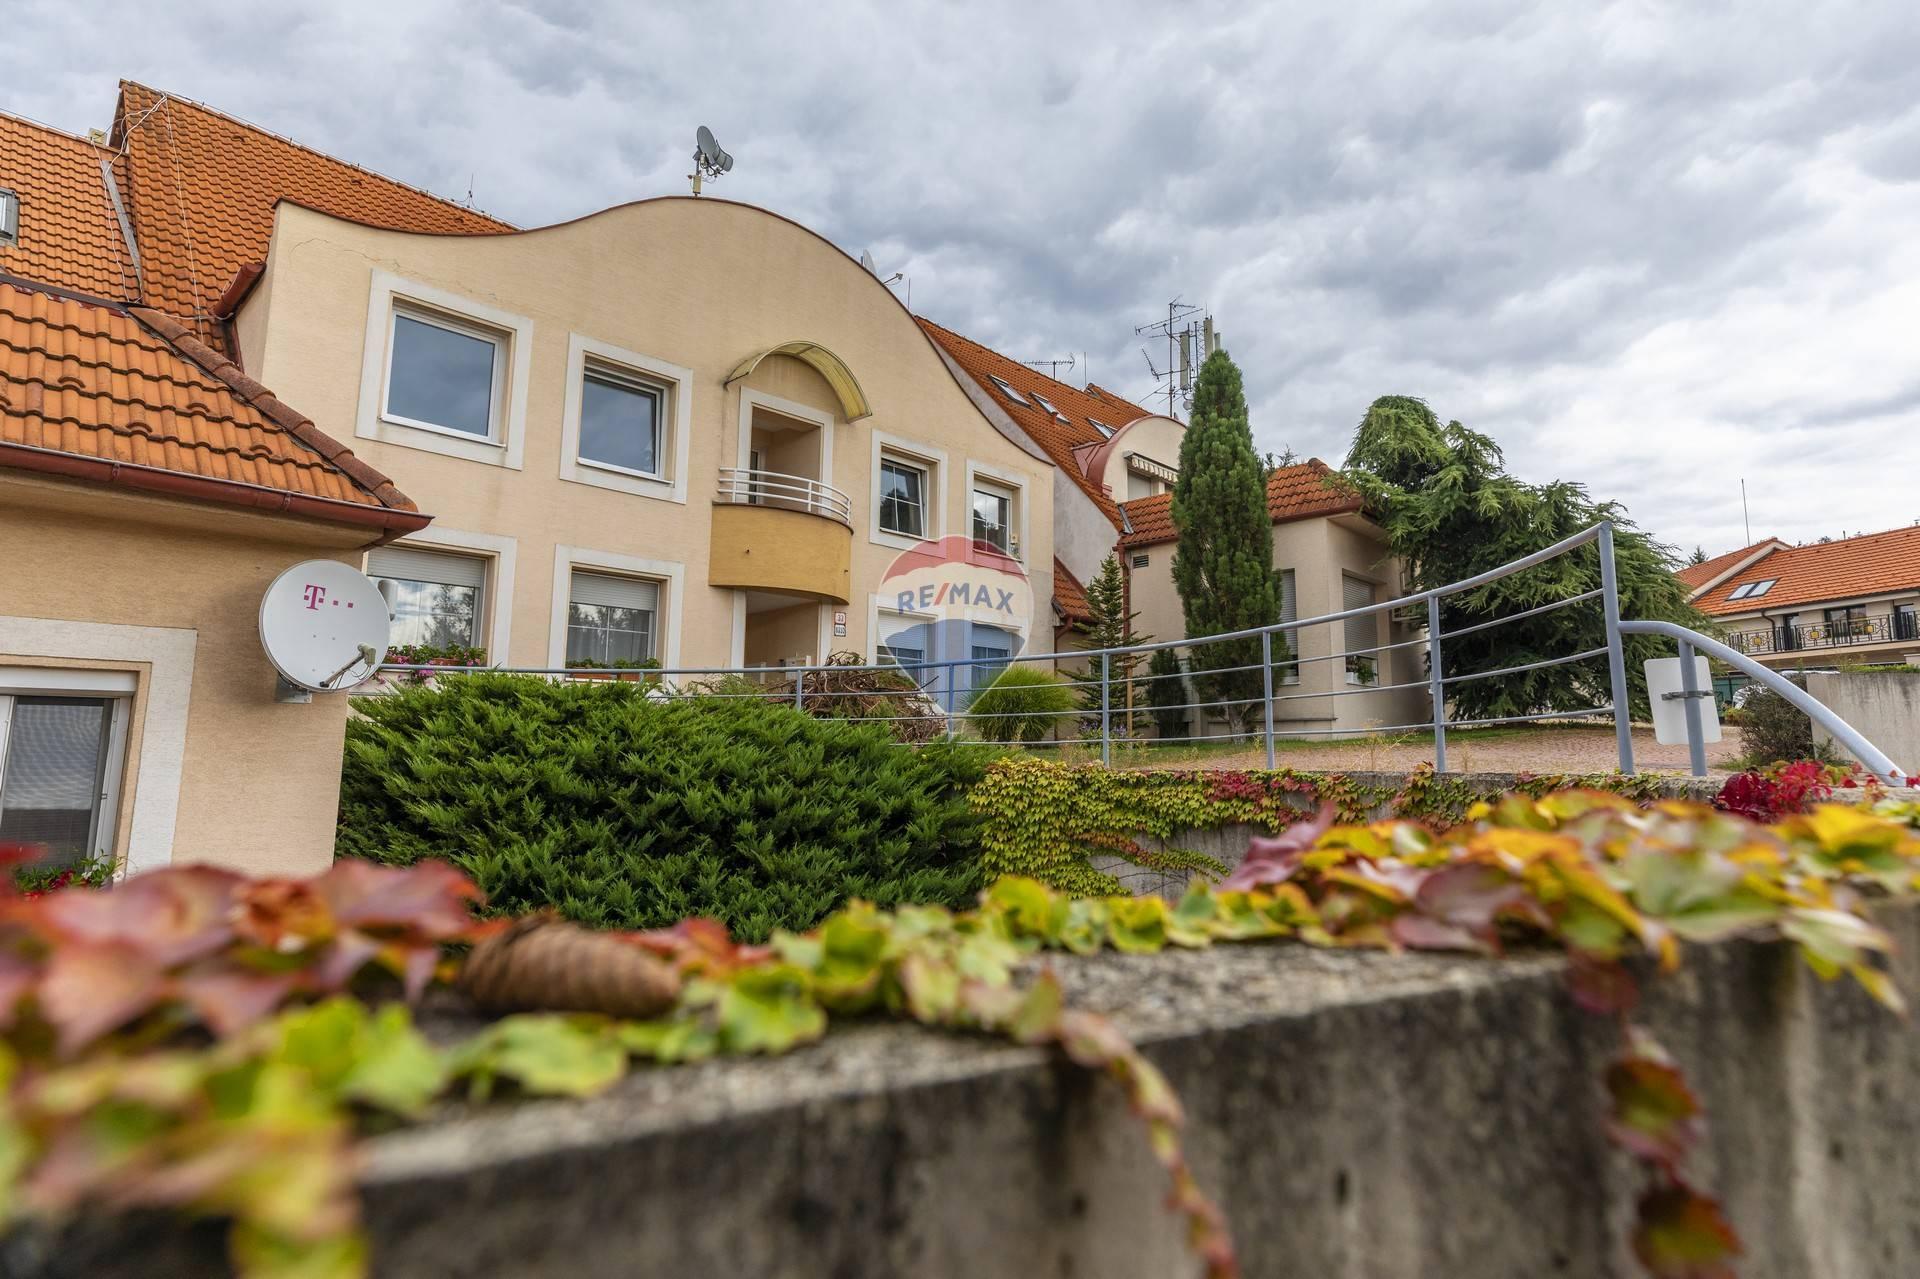 Predaj bytu (5 izbový a väčší) 146 m2, Bratislava - Záhorská Bystrica - bytový dom